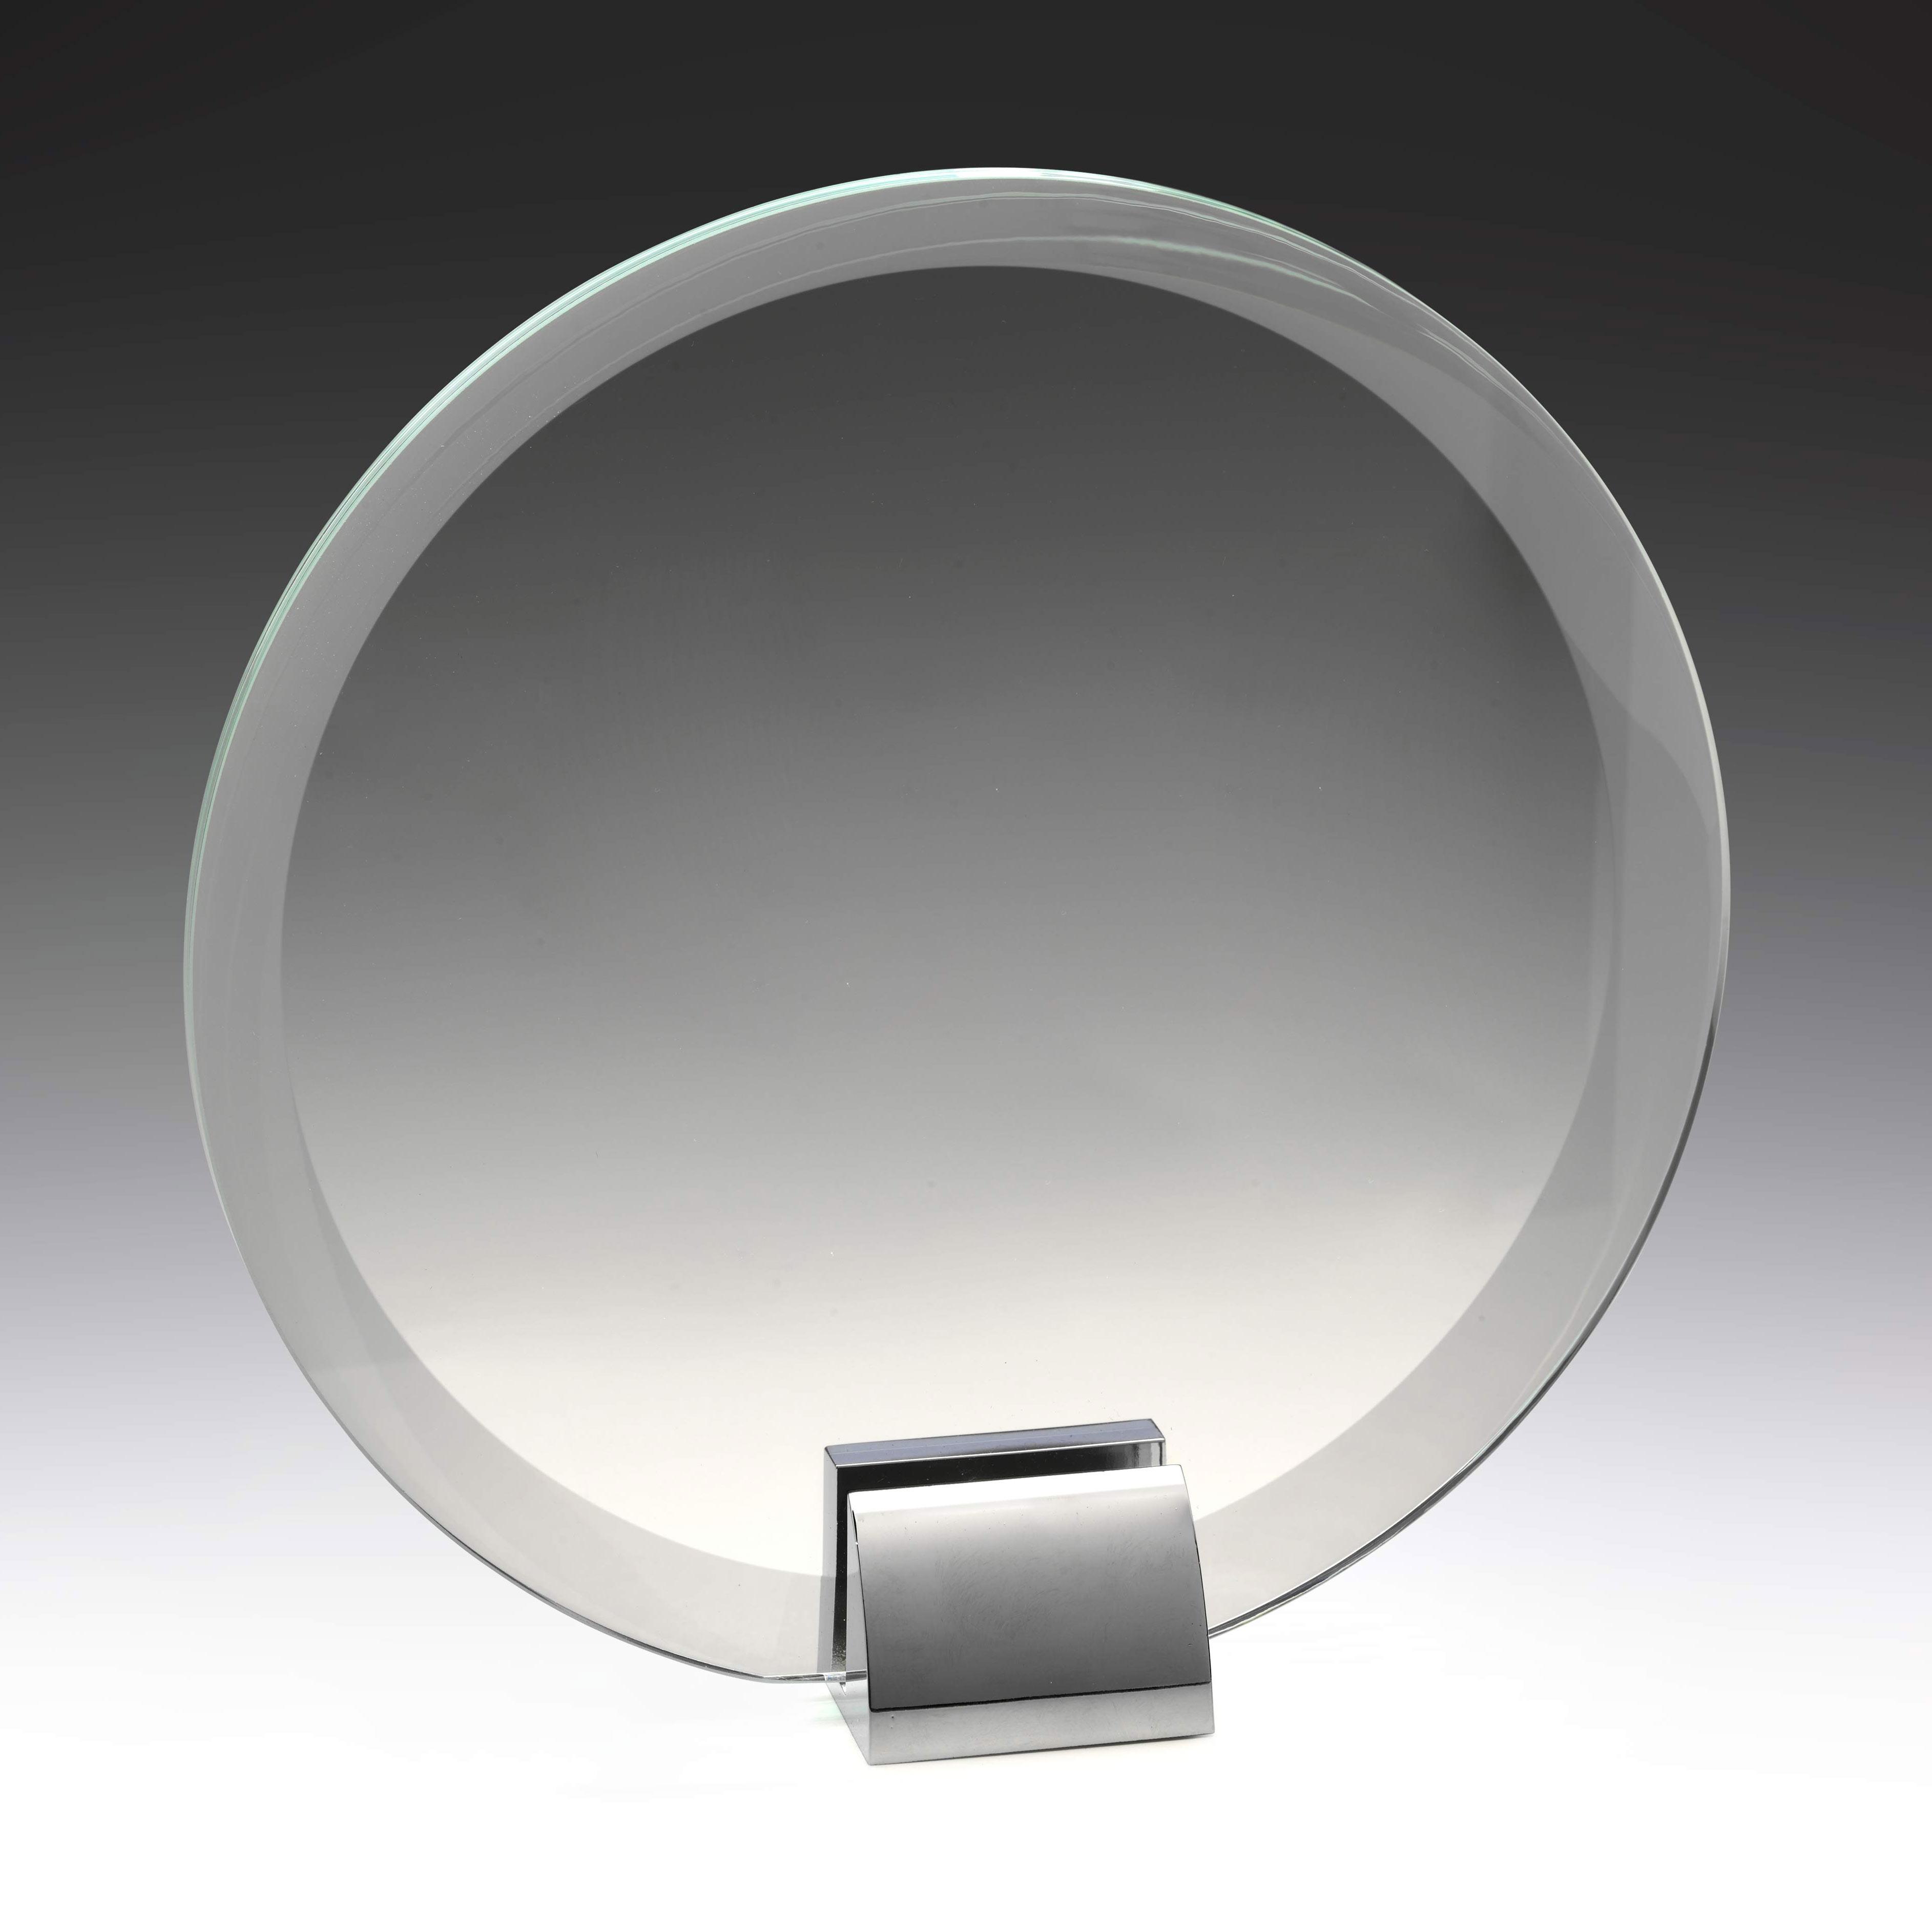 Glass & Metal Compass Award